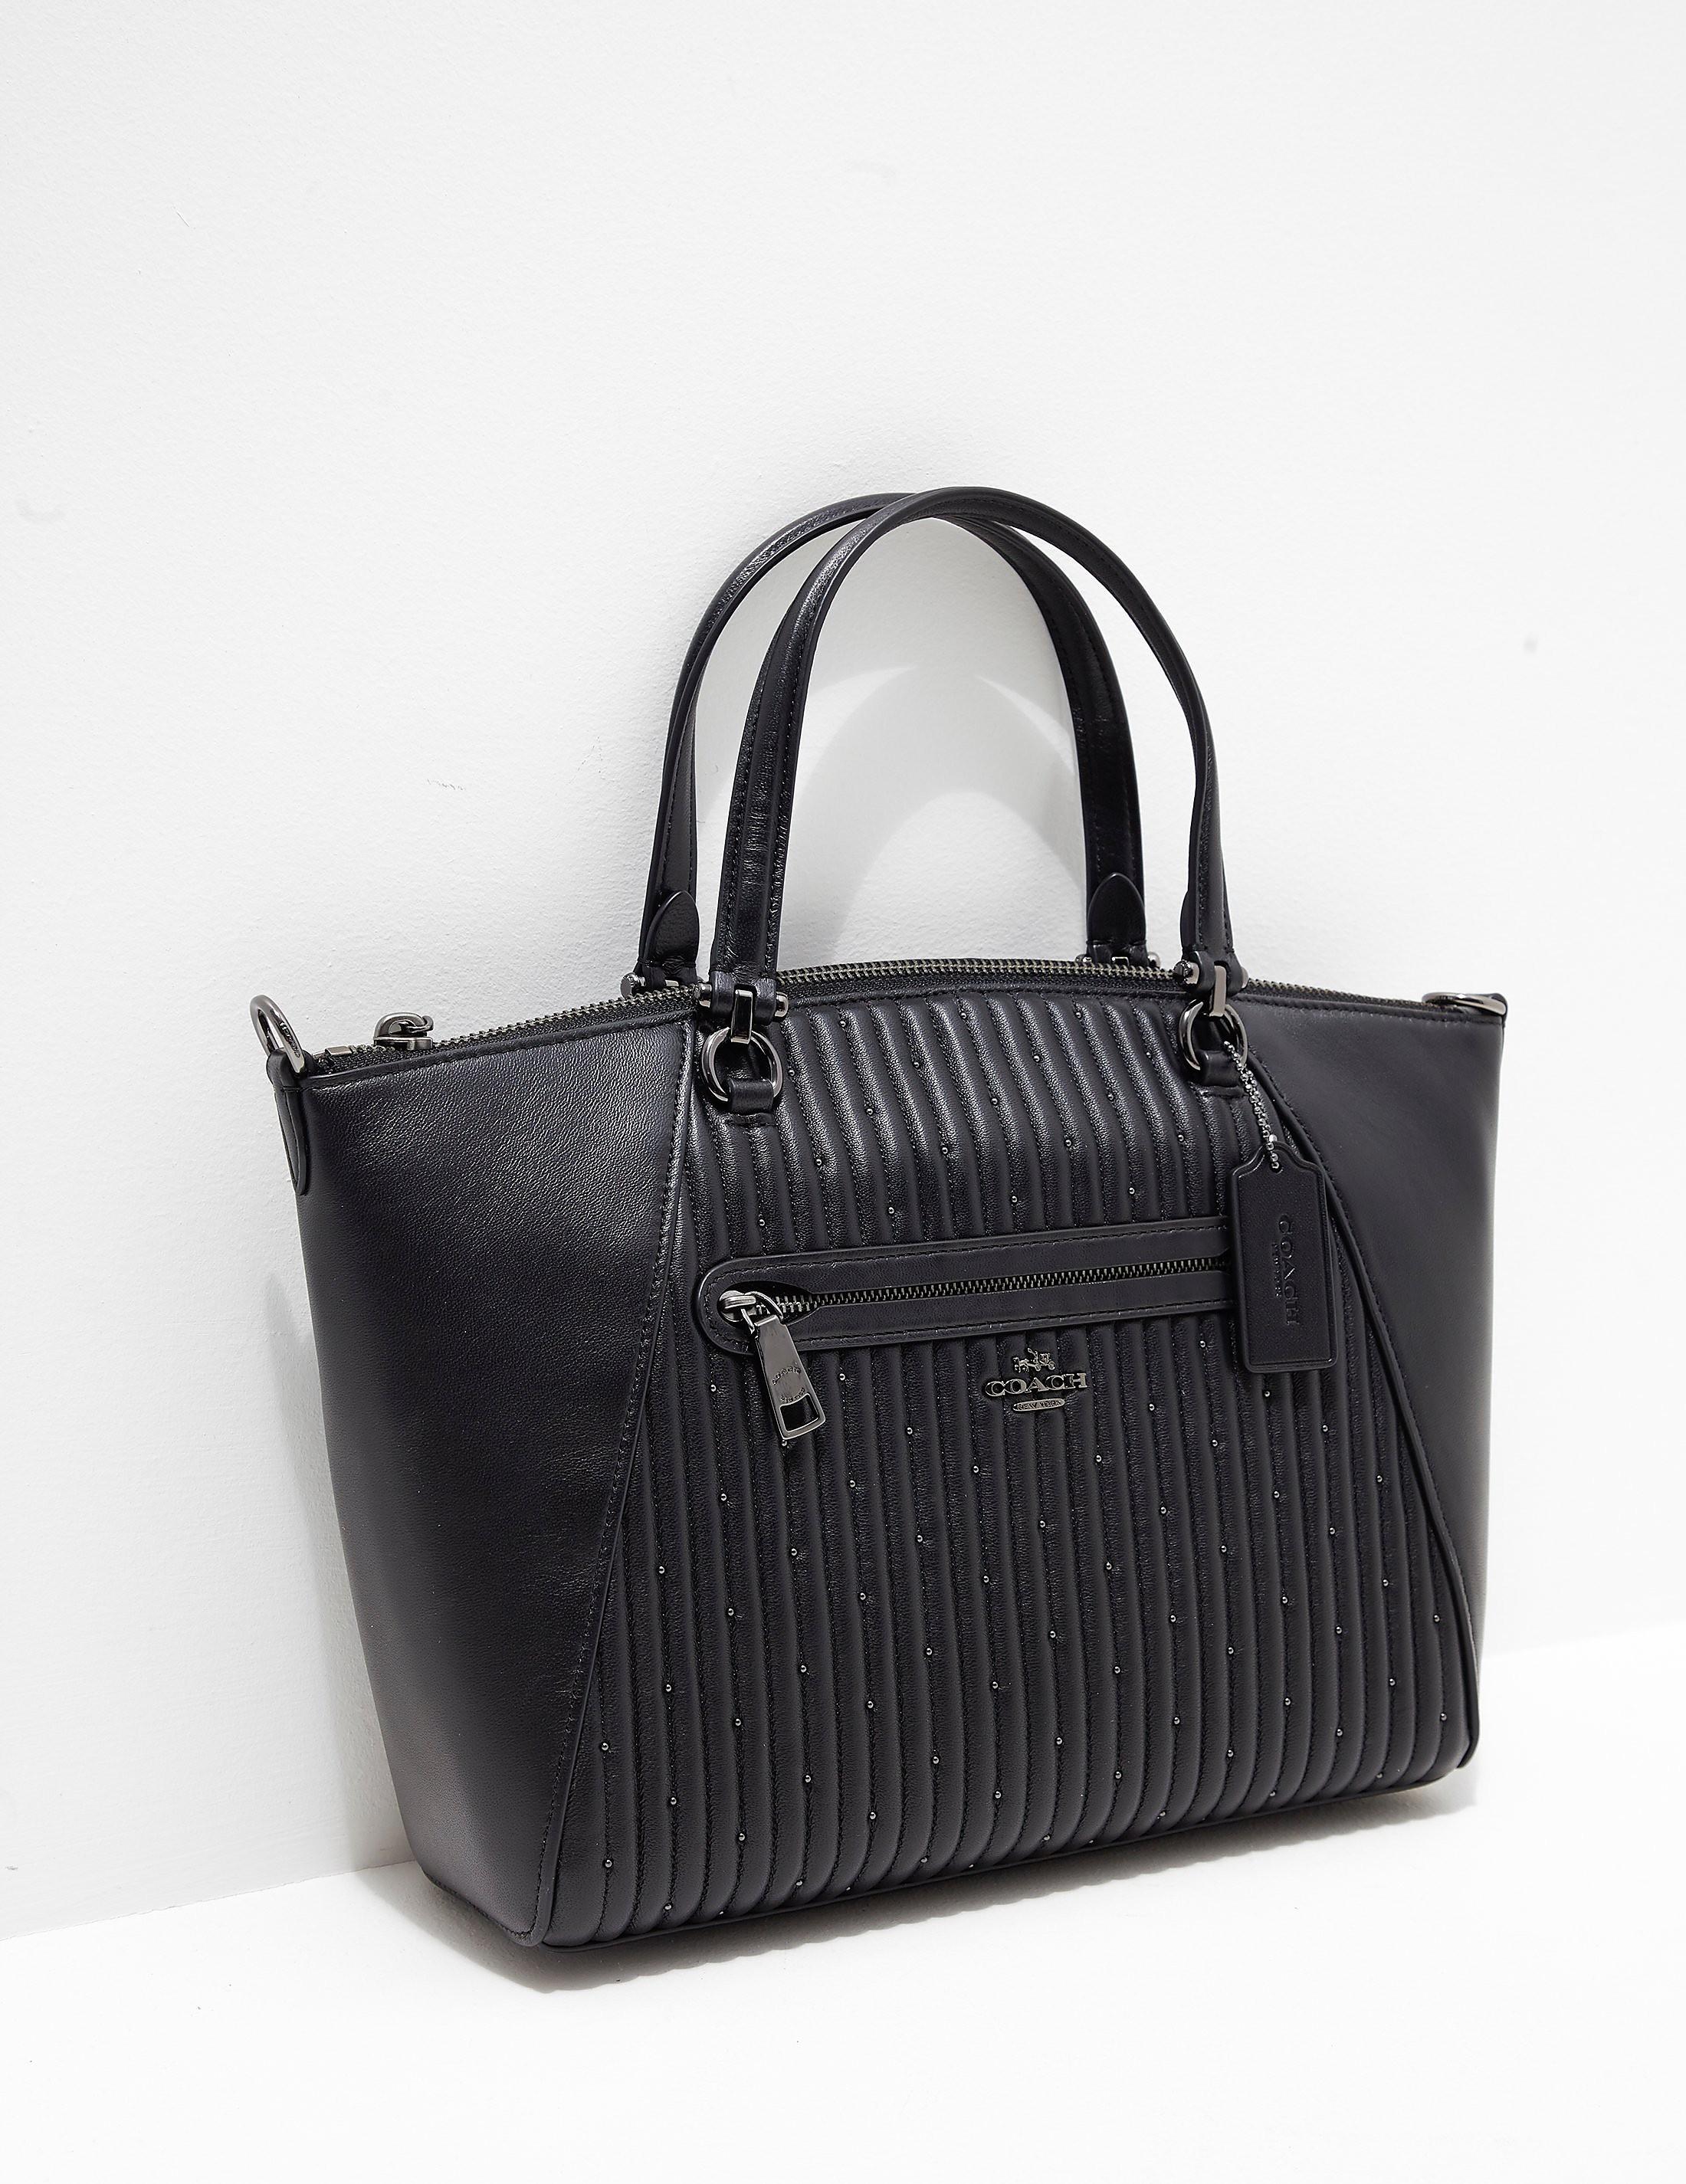 COACH Prie Satchel Bag